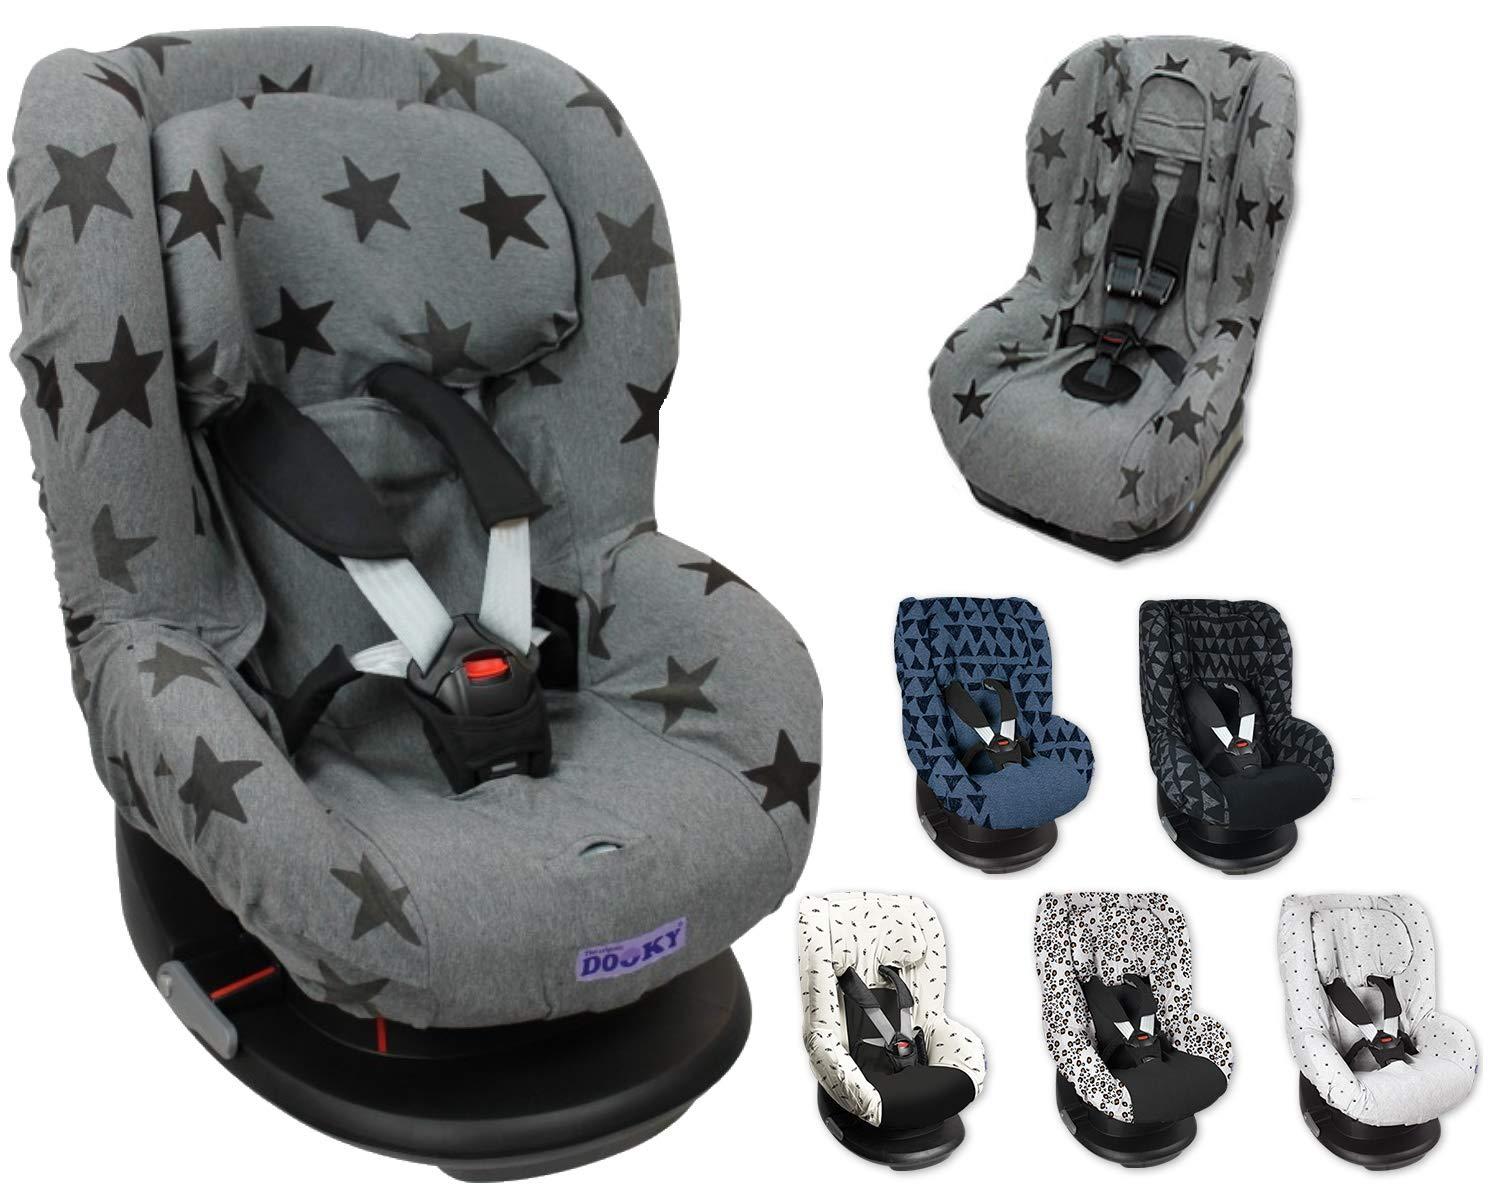 Original Dooky 2in1 Sitzbezug Universal Schonbezug Für Z B Maxi Cosi Tobi Und Sitze Der Gr 1 Grey Stars Baby